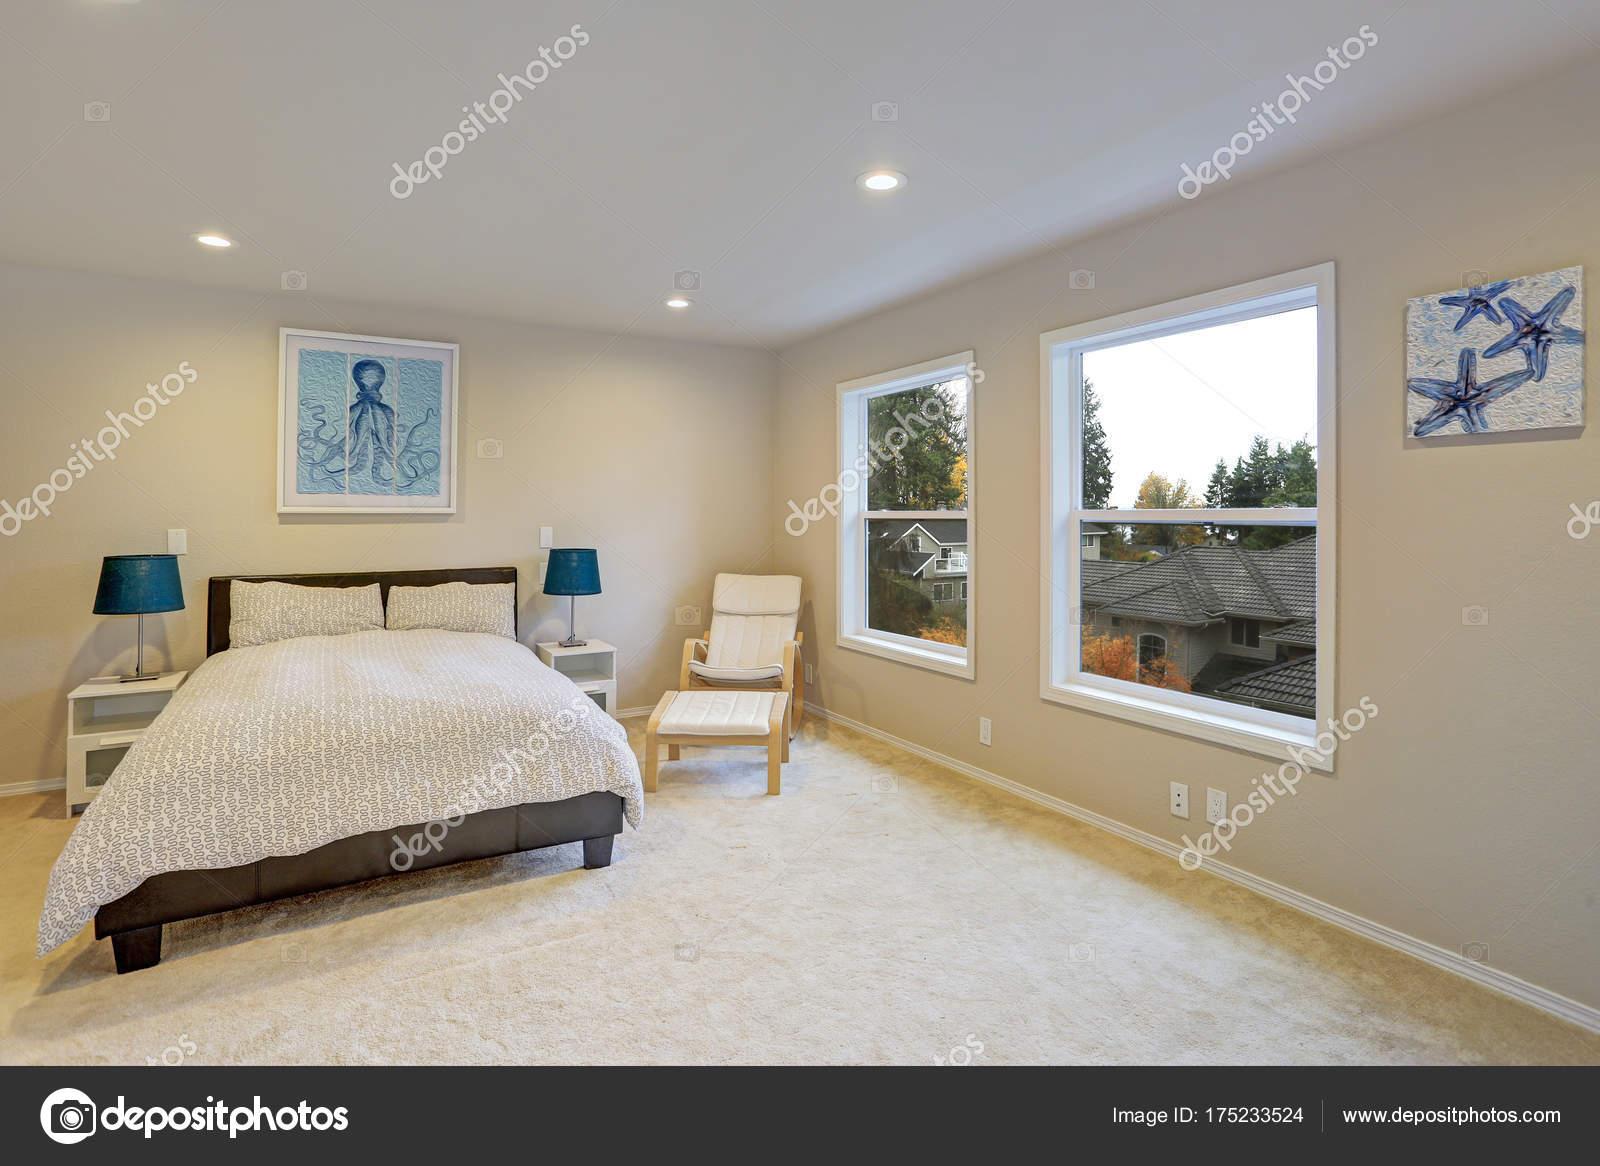 Czarne Skórzane łóżko Do Sypialni Z Krem Kolor Wnętrza